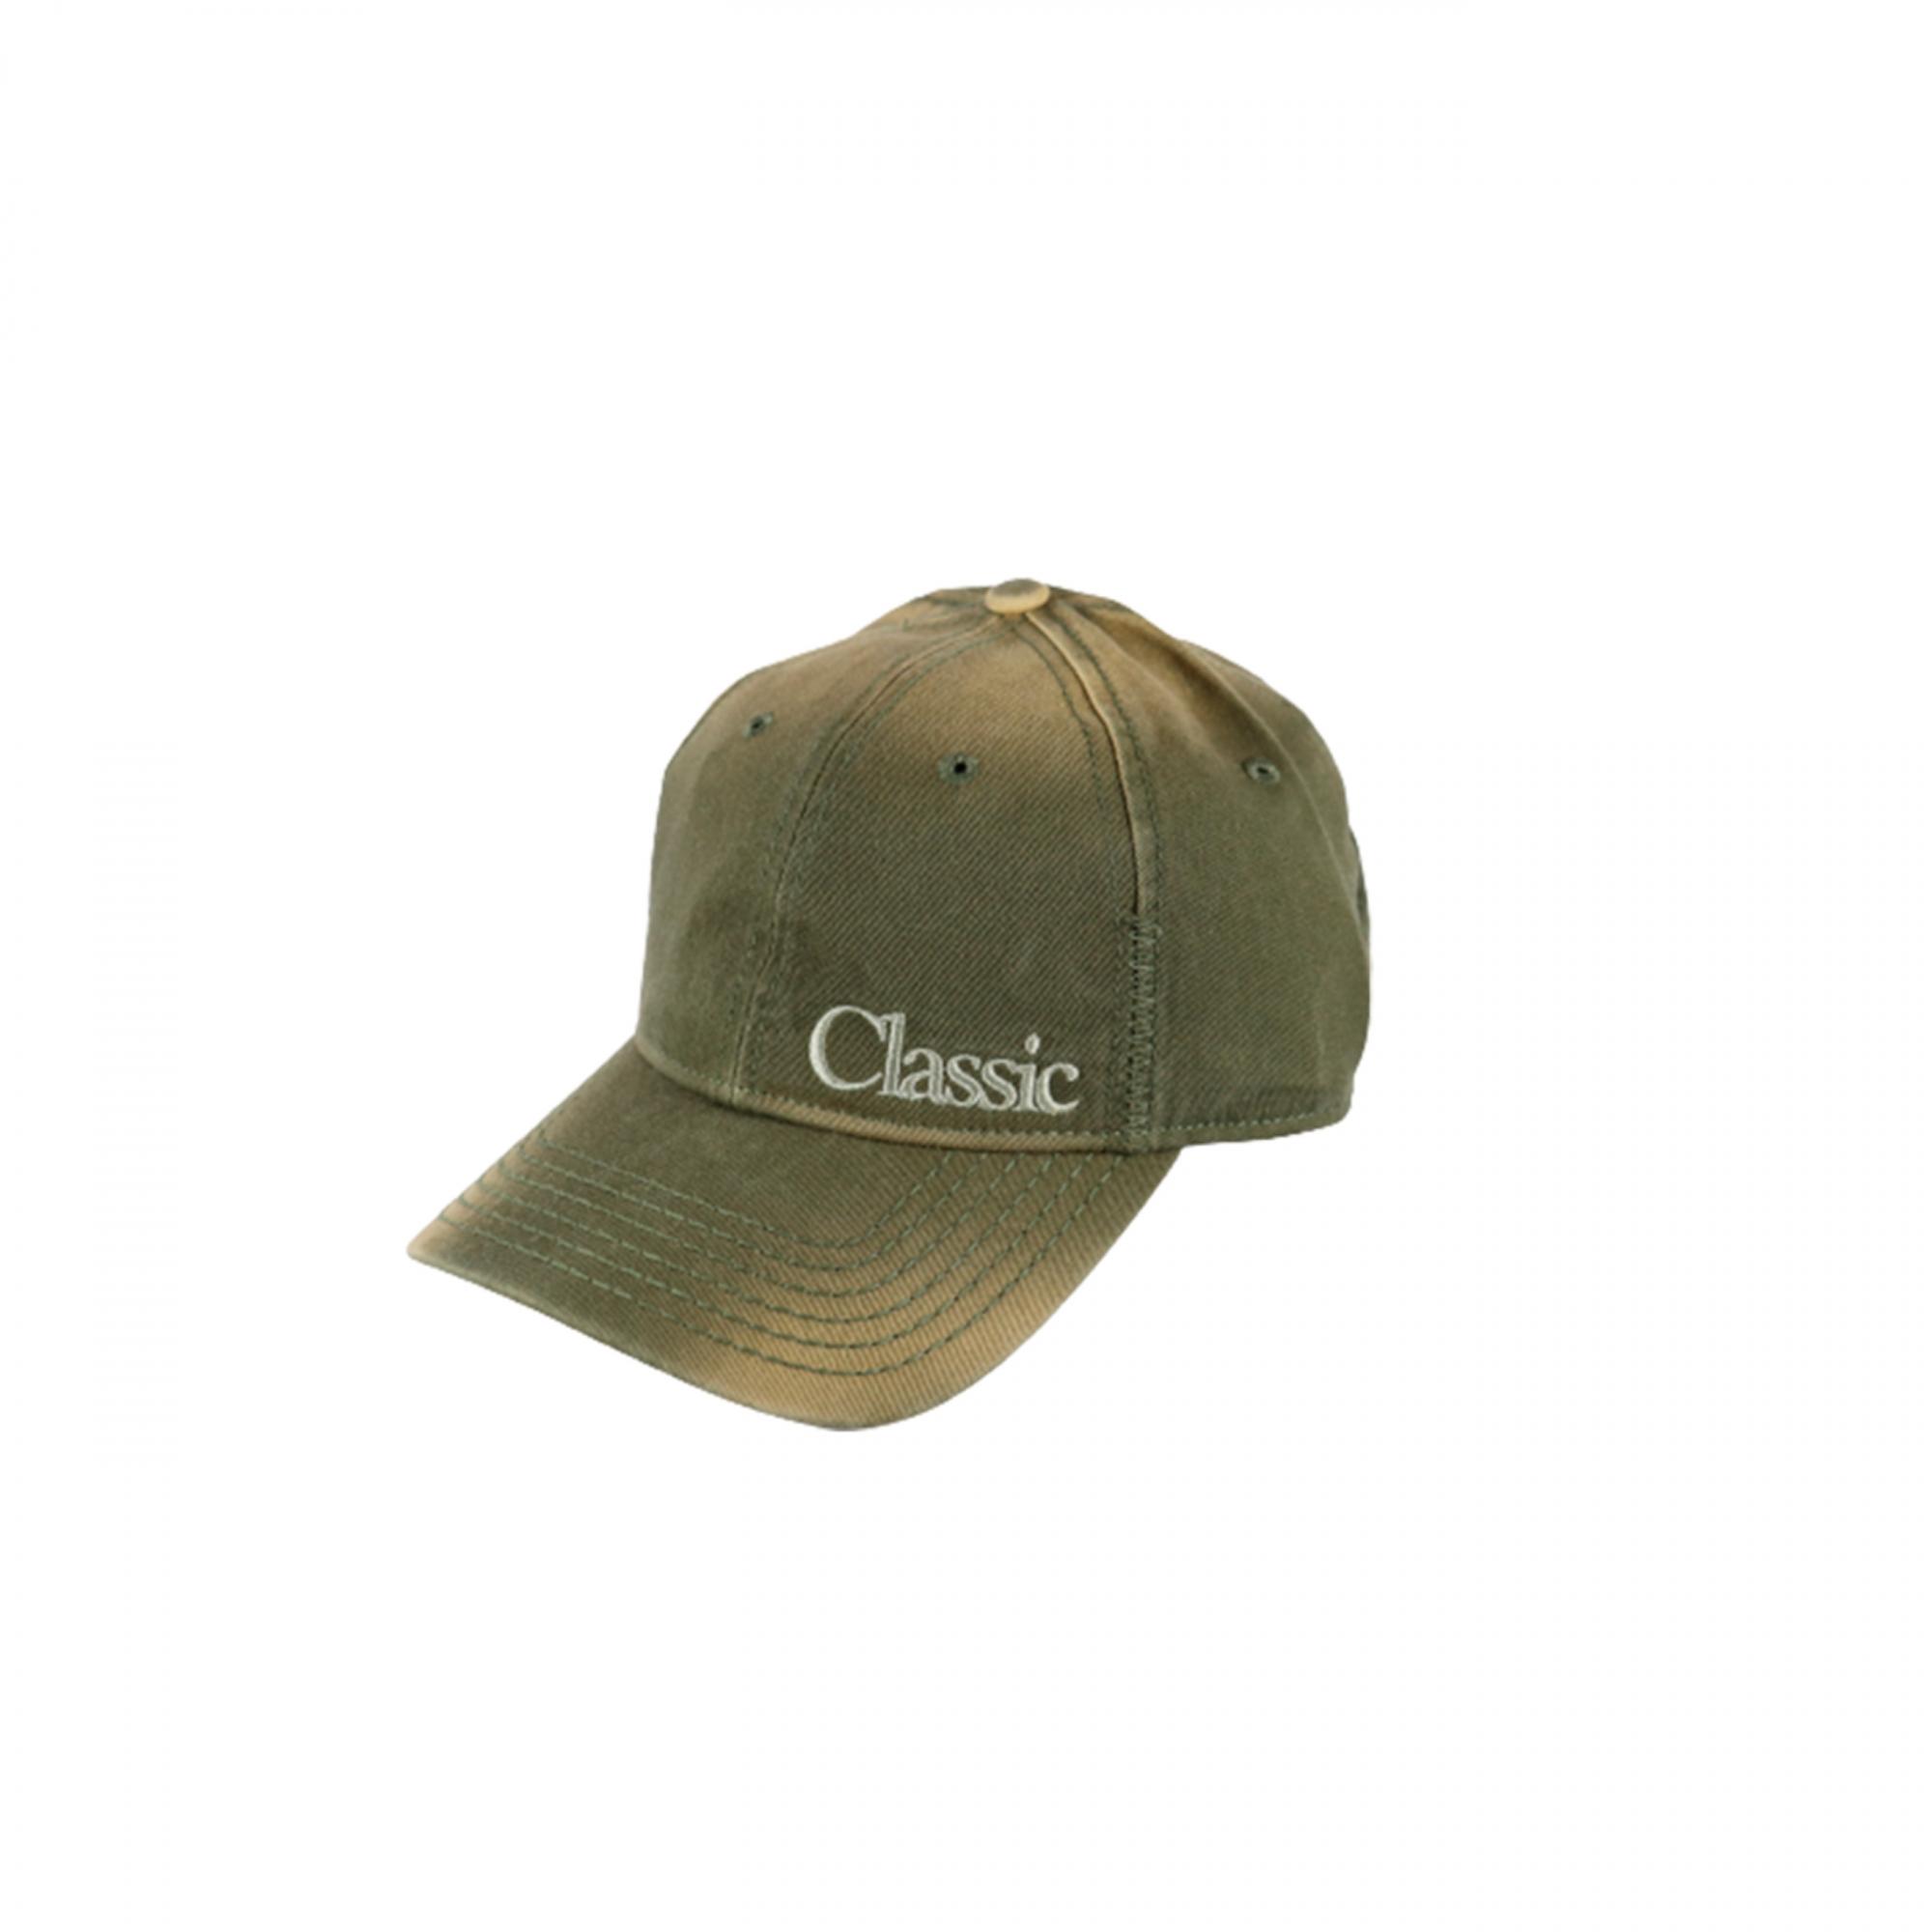 Boné de Algodão Classic Importado Verde ClassicImp005